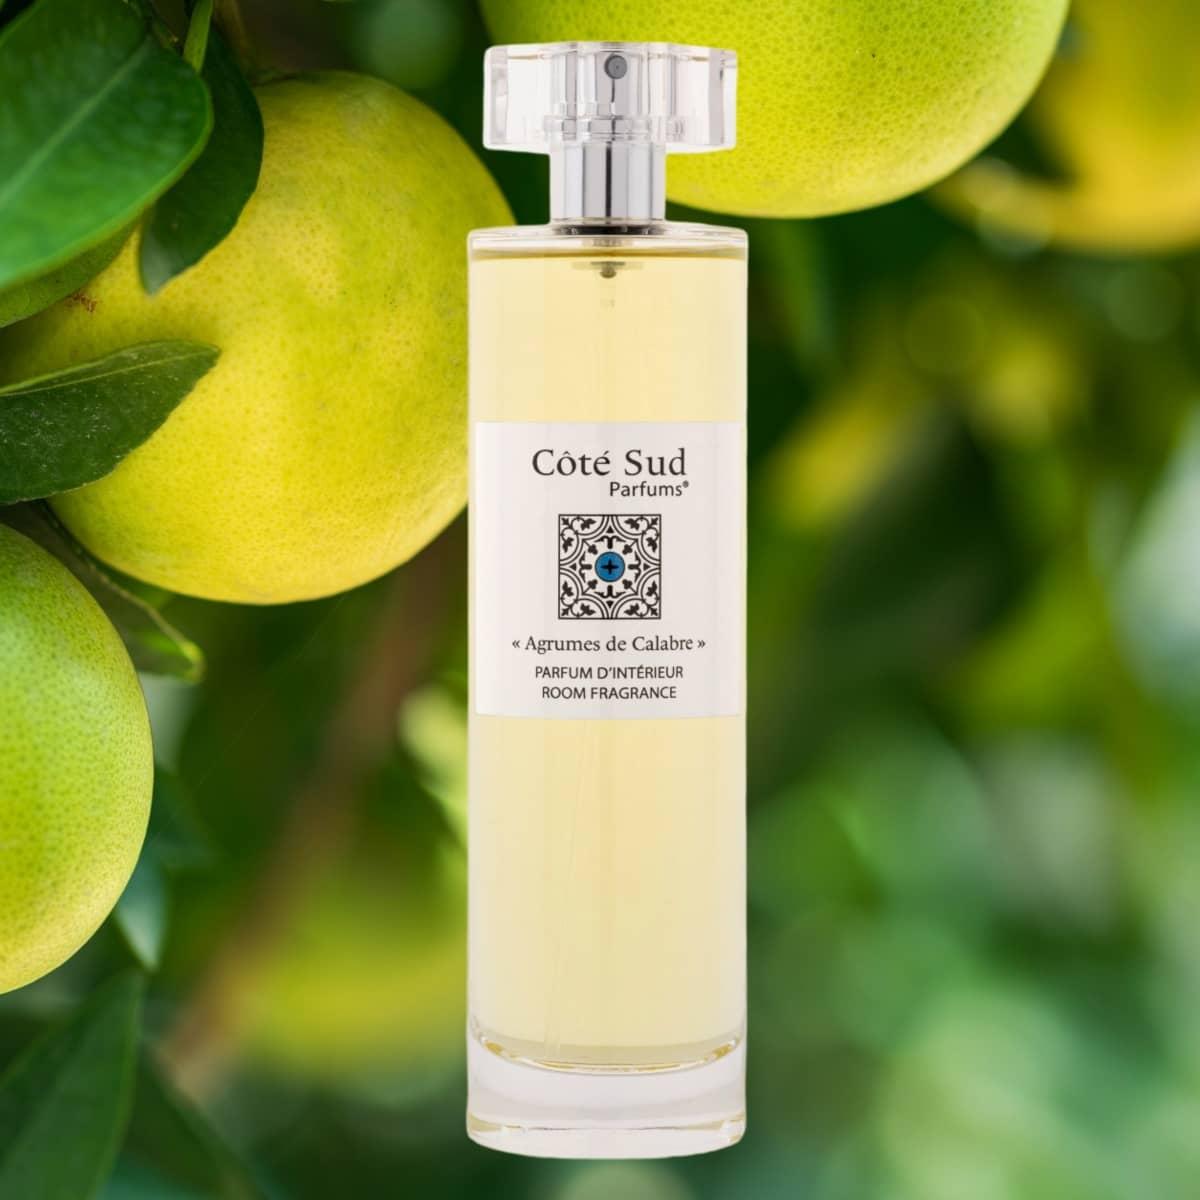 Côté Sud Parfums Agrumes de Calabre parfum d'intérieur